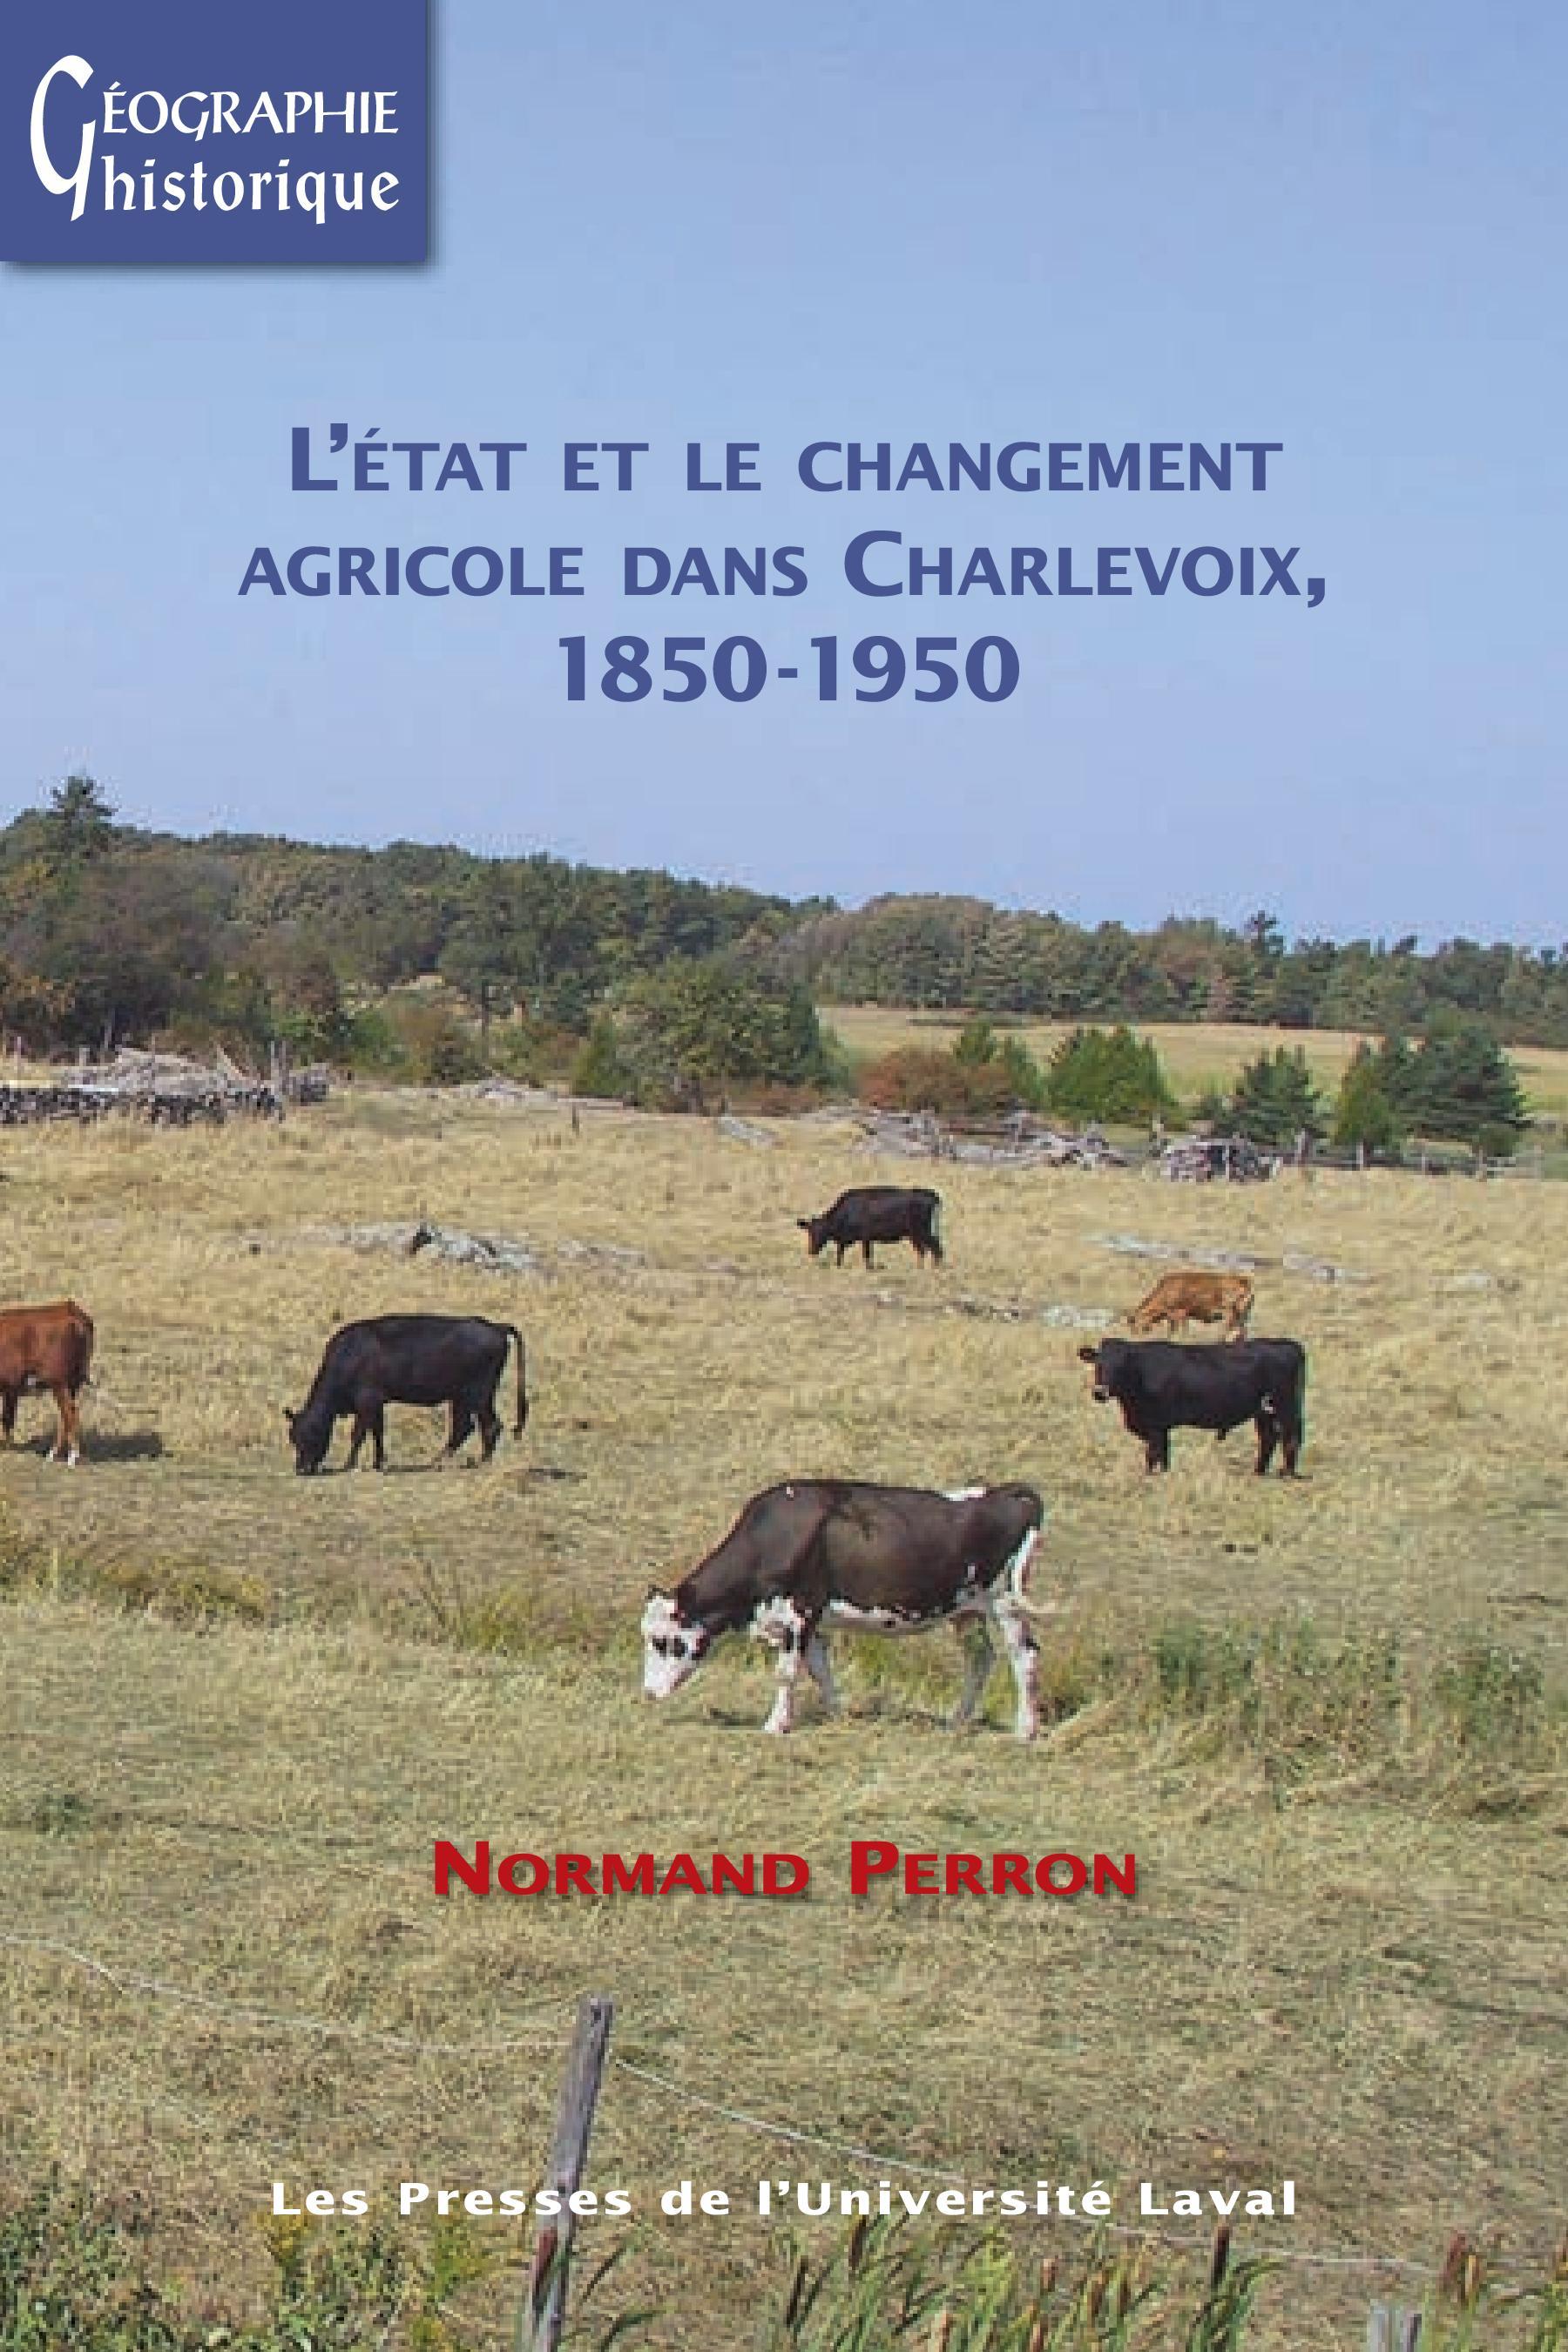 Etat et le changement agricole dans Chalevoix, 1850-1950